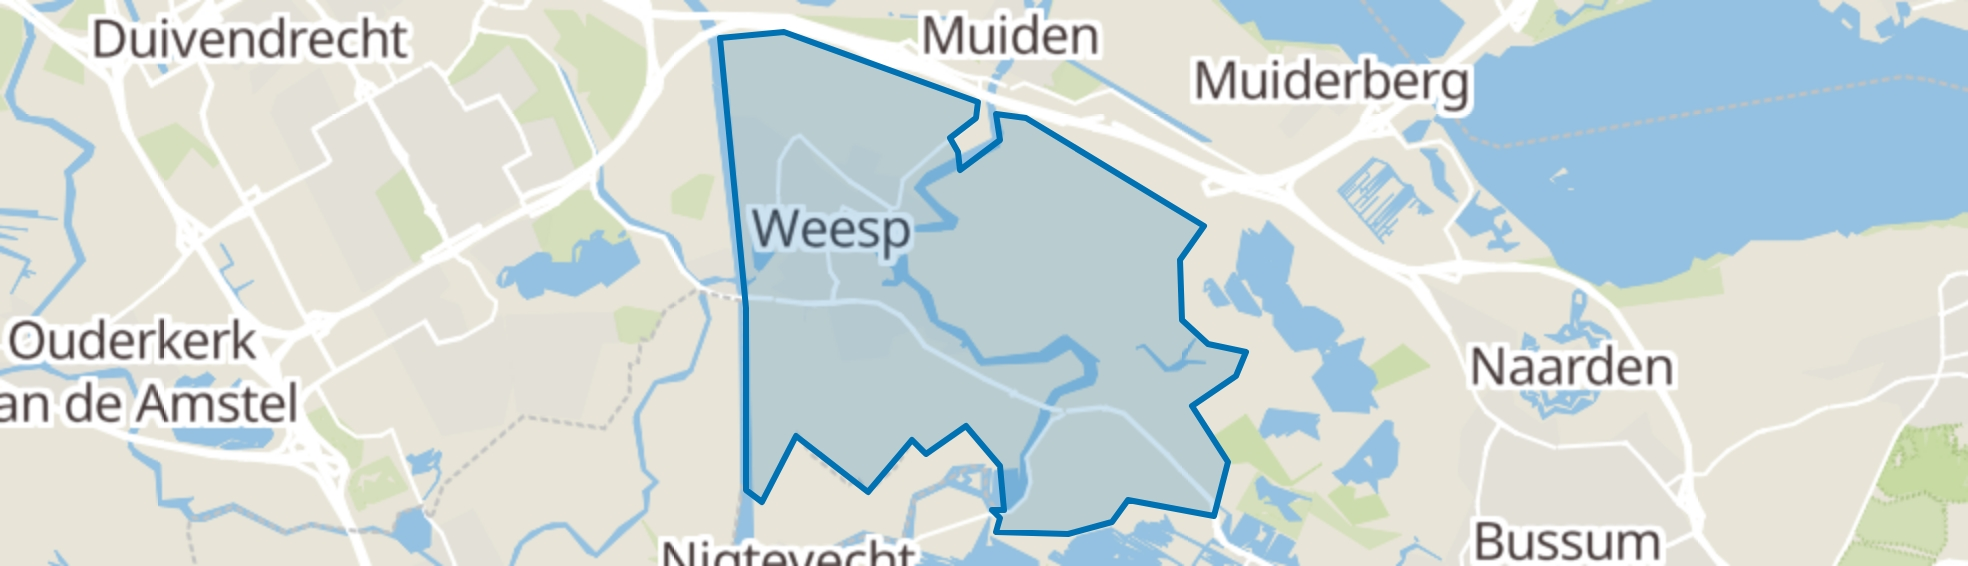 Weesp map